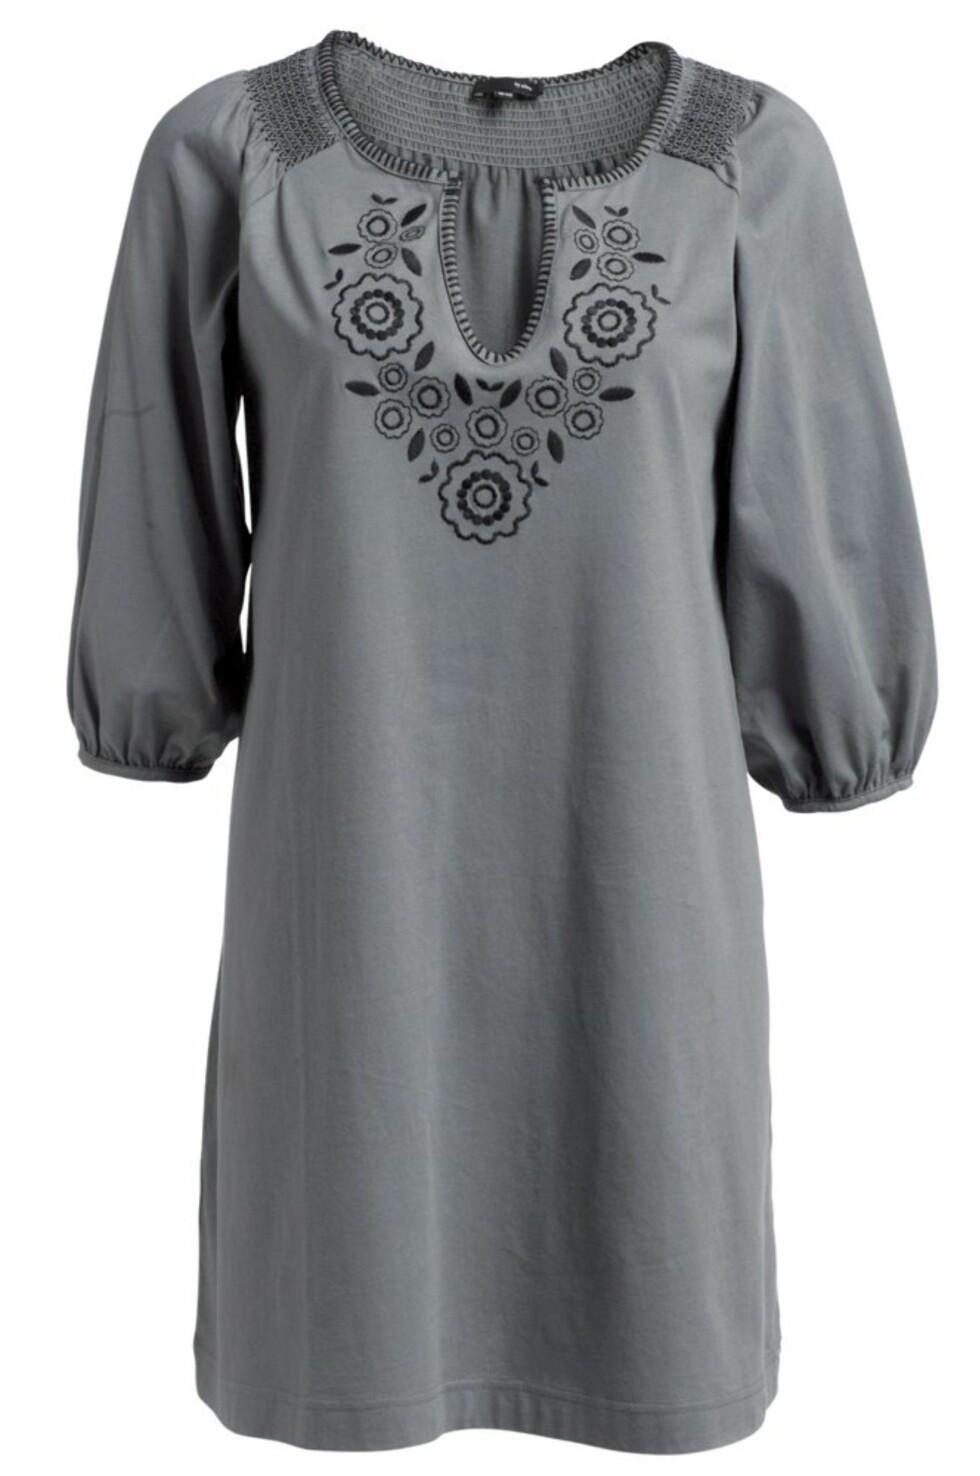 Deilig grå tunika med svart mønster (kr 150, Ellos).